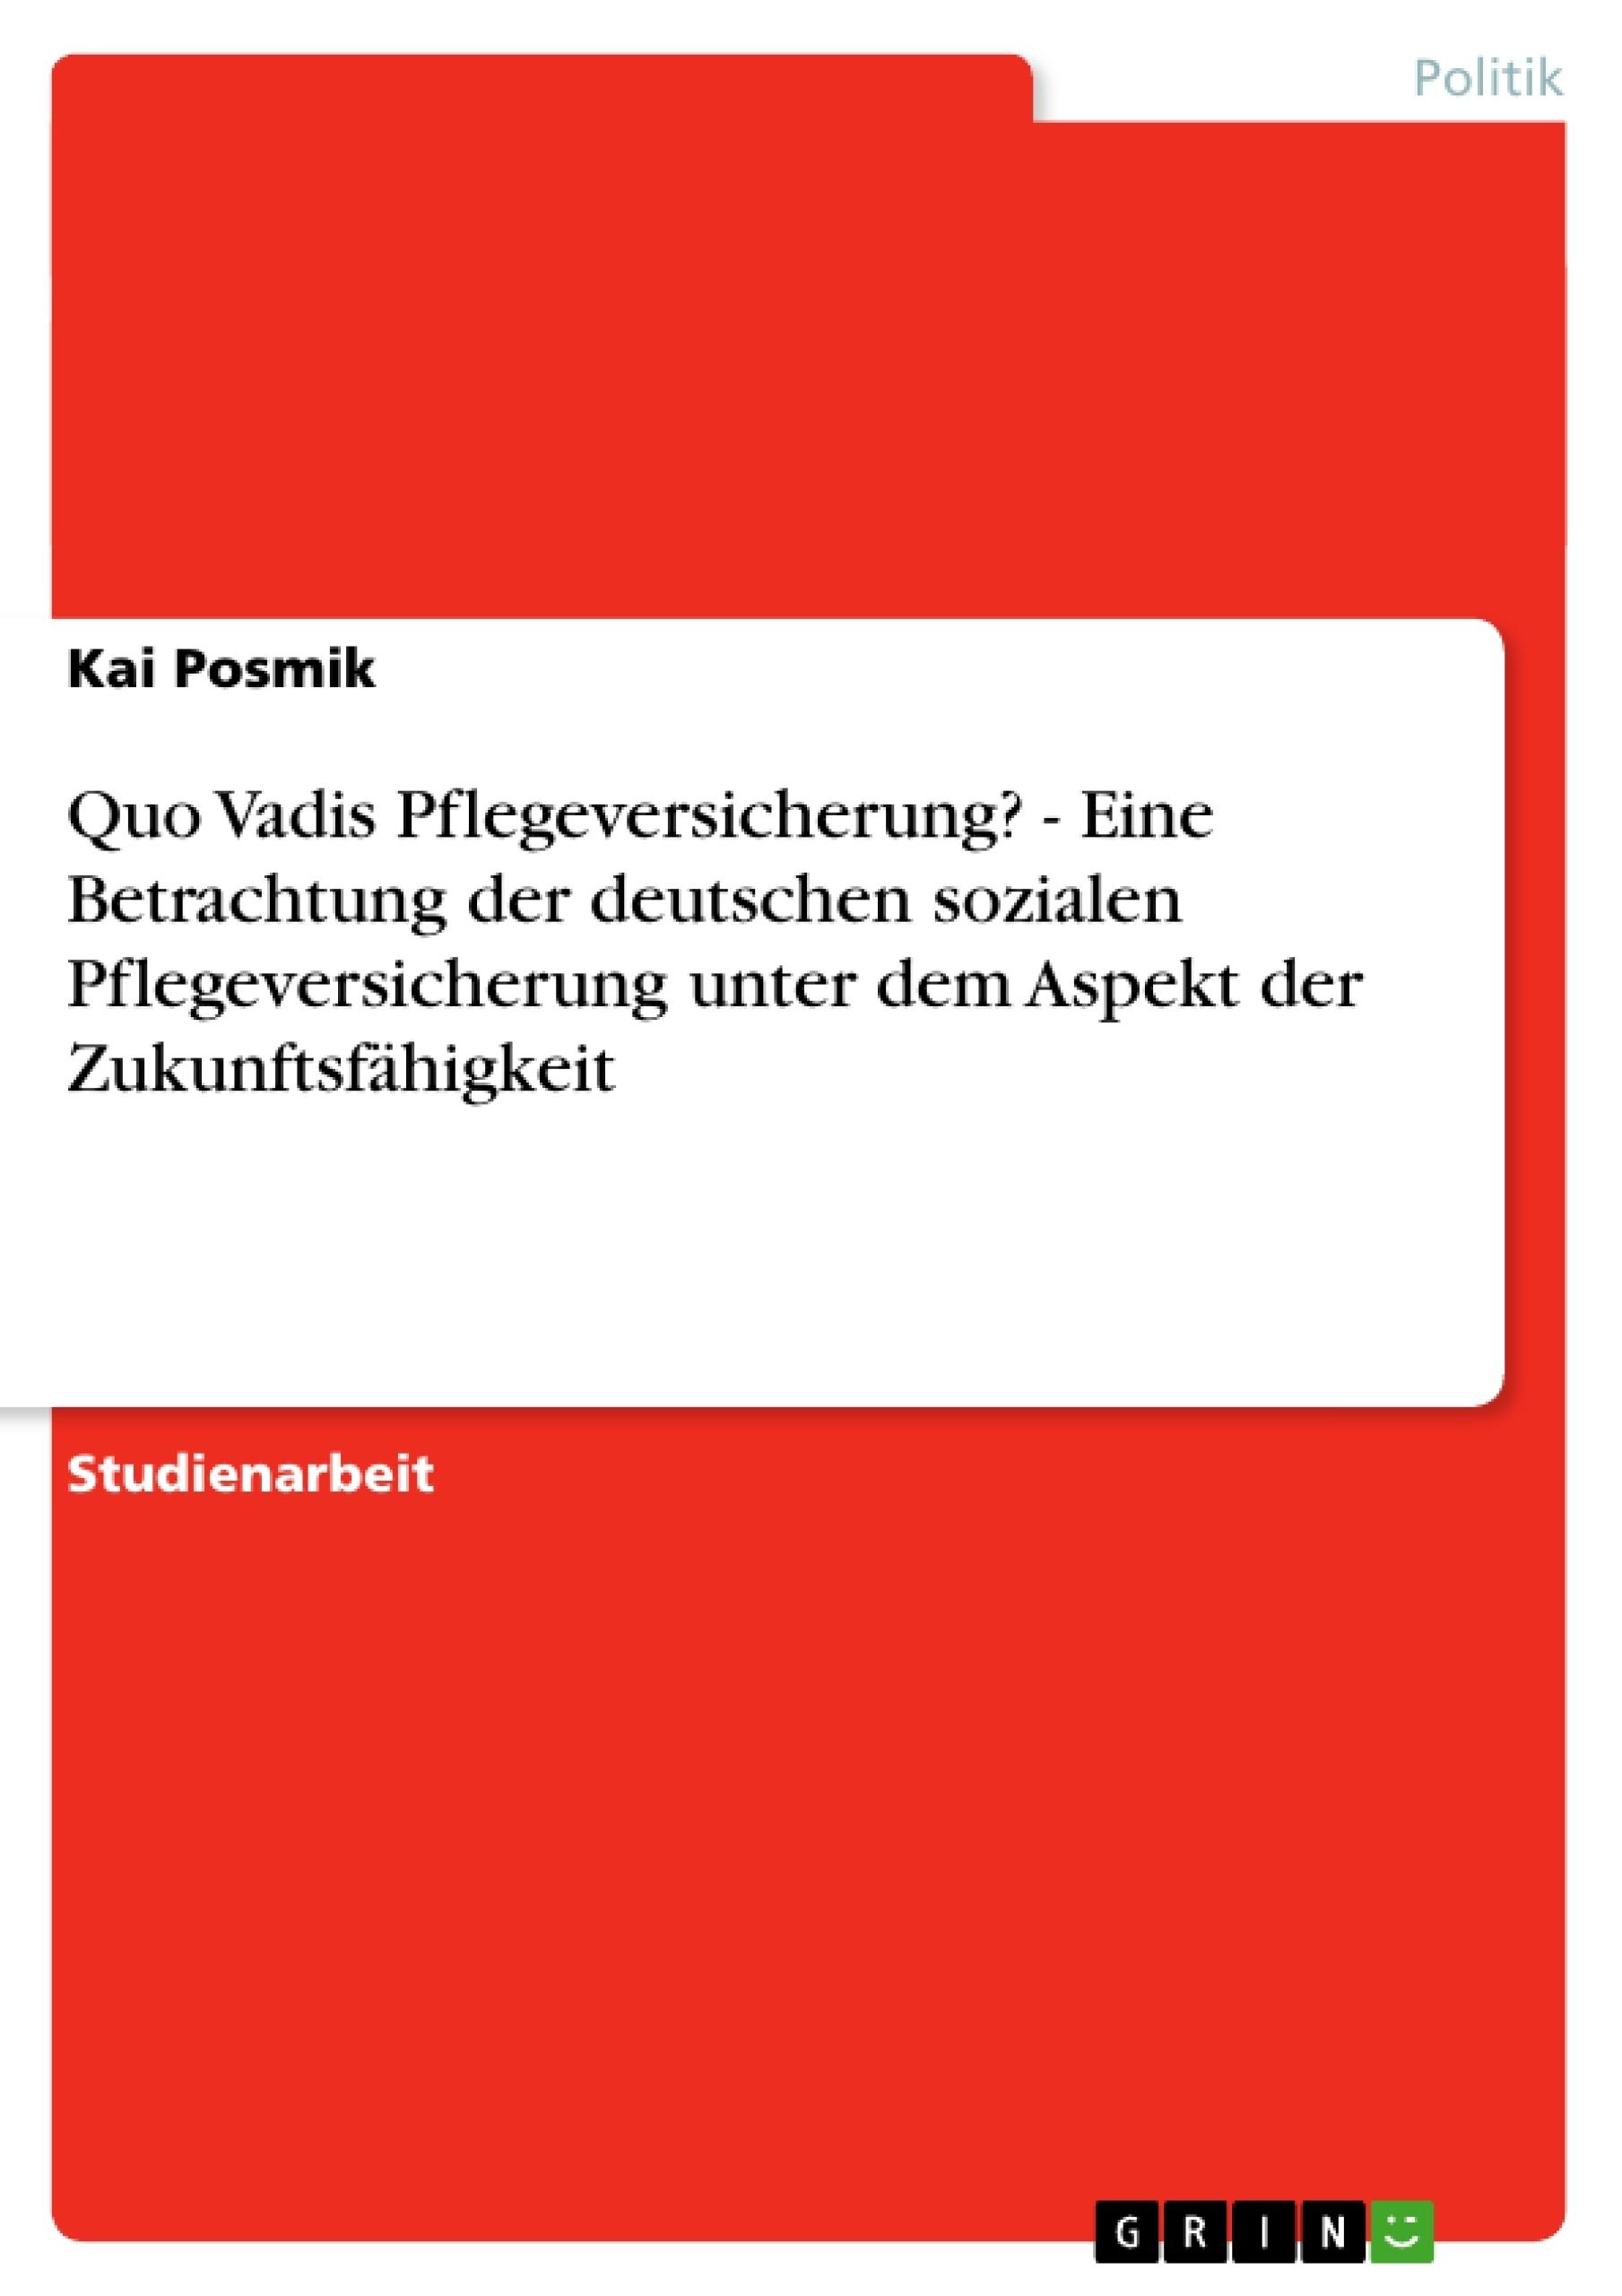 Titel: Quo Vadis Pflegeversicherung? - Eine Betrachtung der deutschen sozialen Pflegeversicherung unter dem Aspekt der Zukunftsfähigkeit